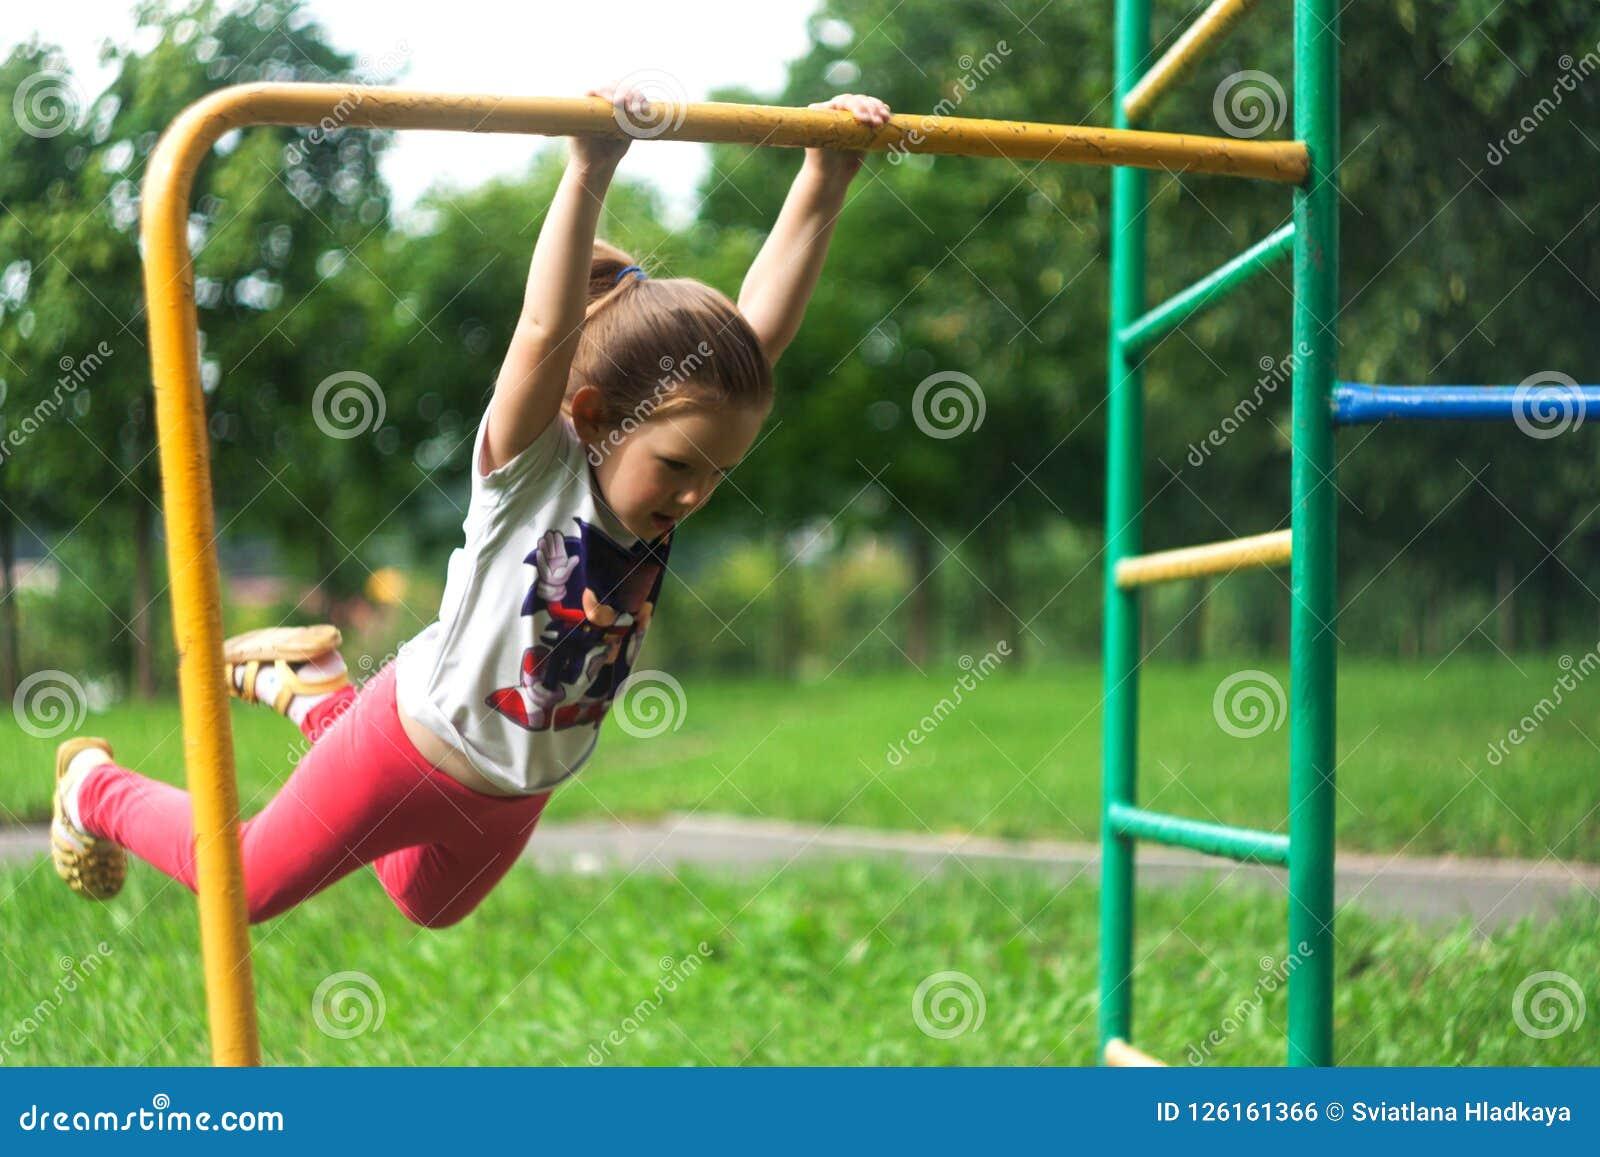 Une petite fille balance sur une barre transversale